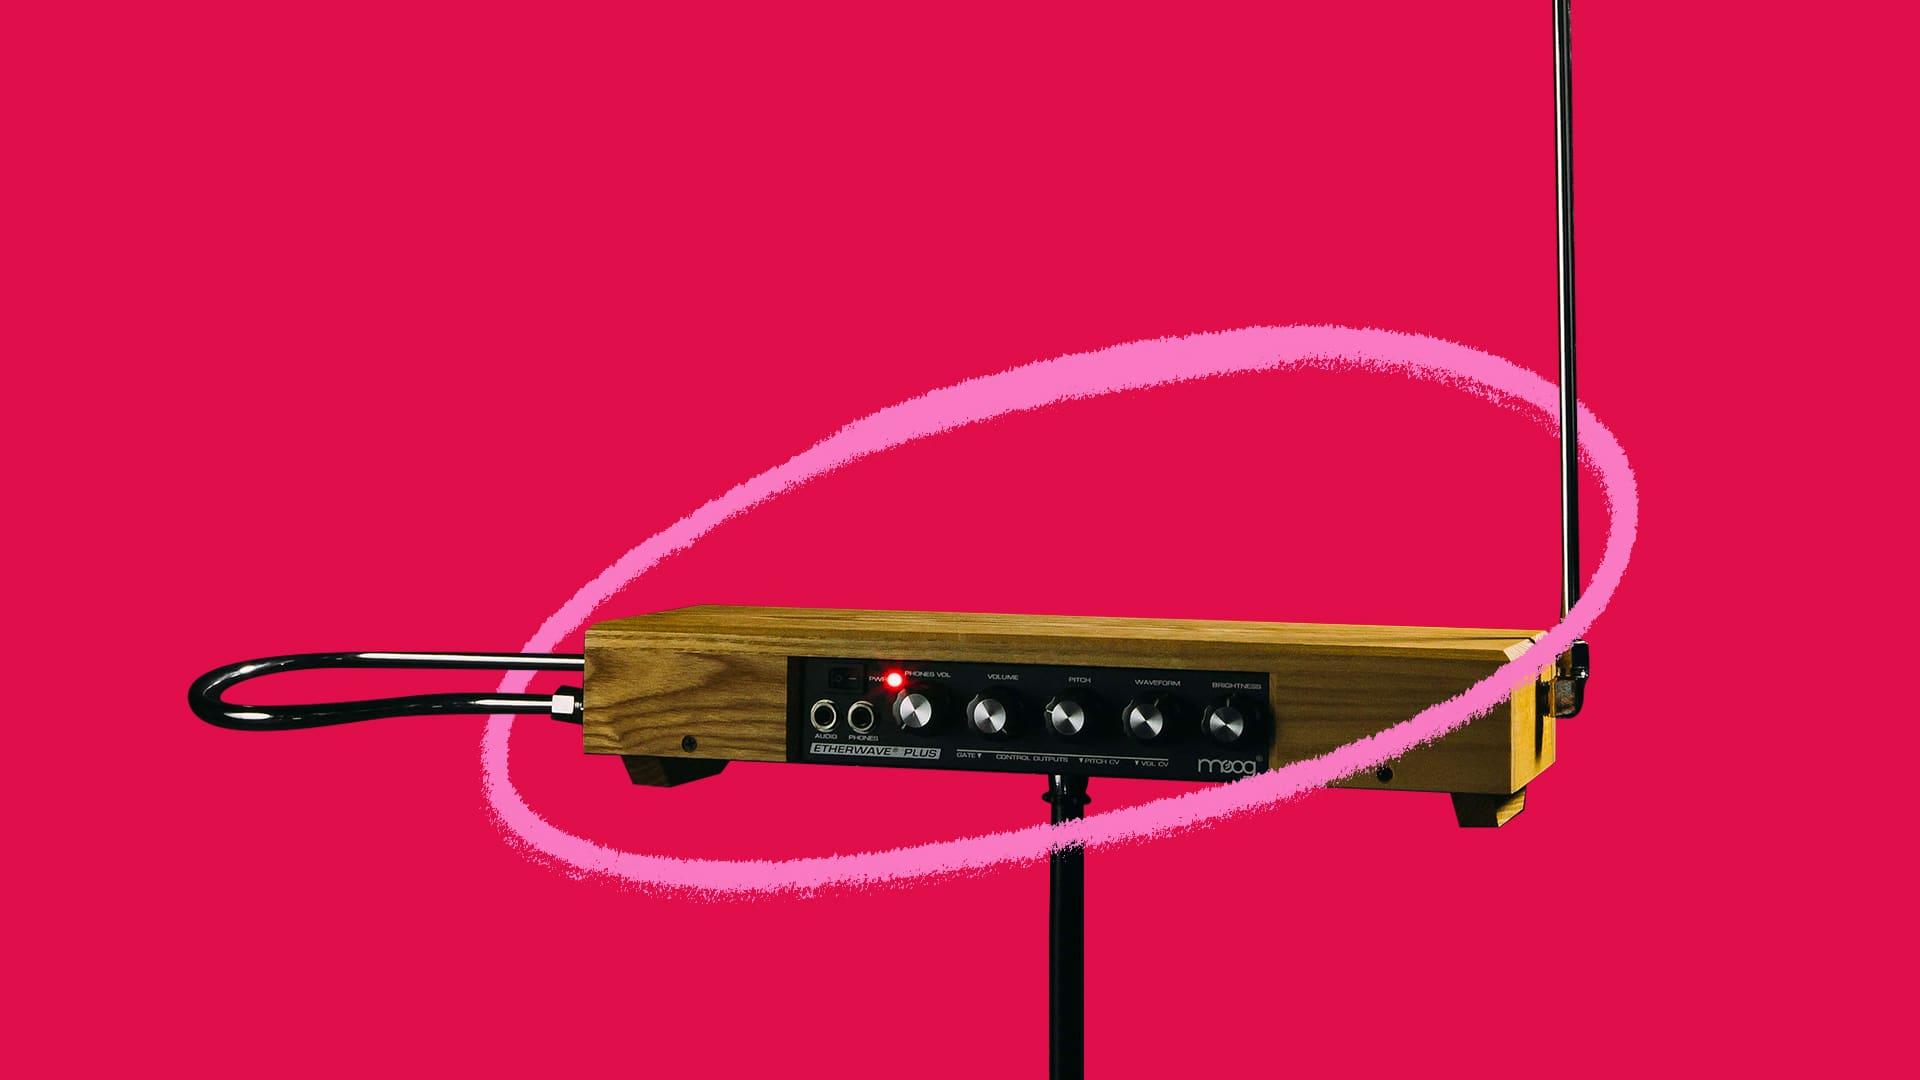 Hiç Dokunmadan Bir Müzik Aleti Çalınabilir Mi